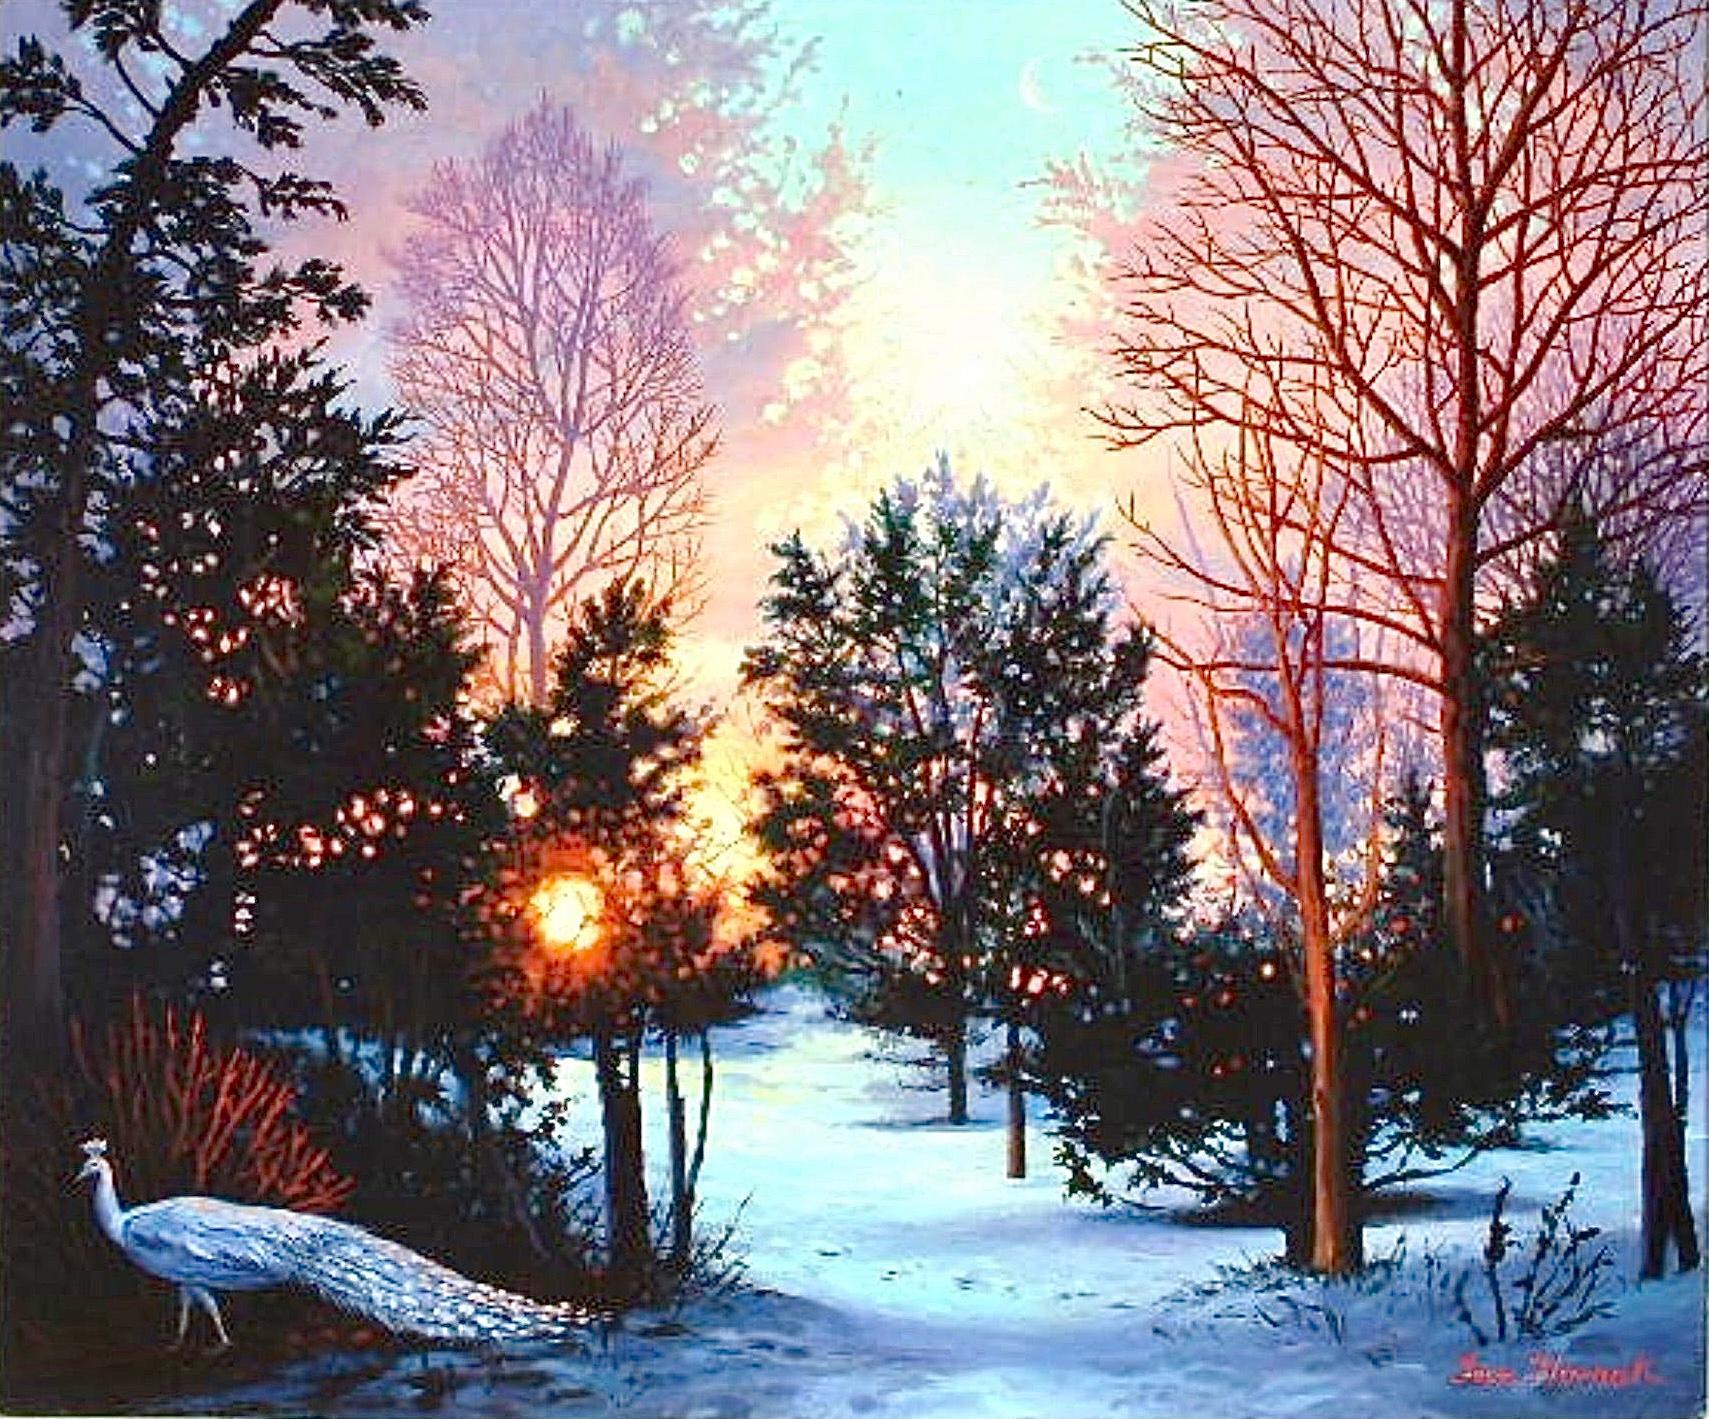 Transparent Barricades, Variation V, Winter Light